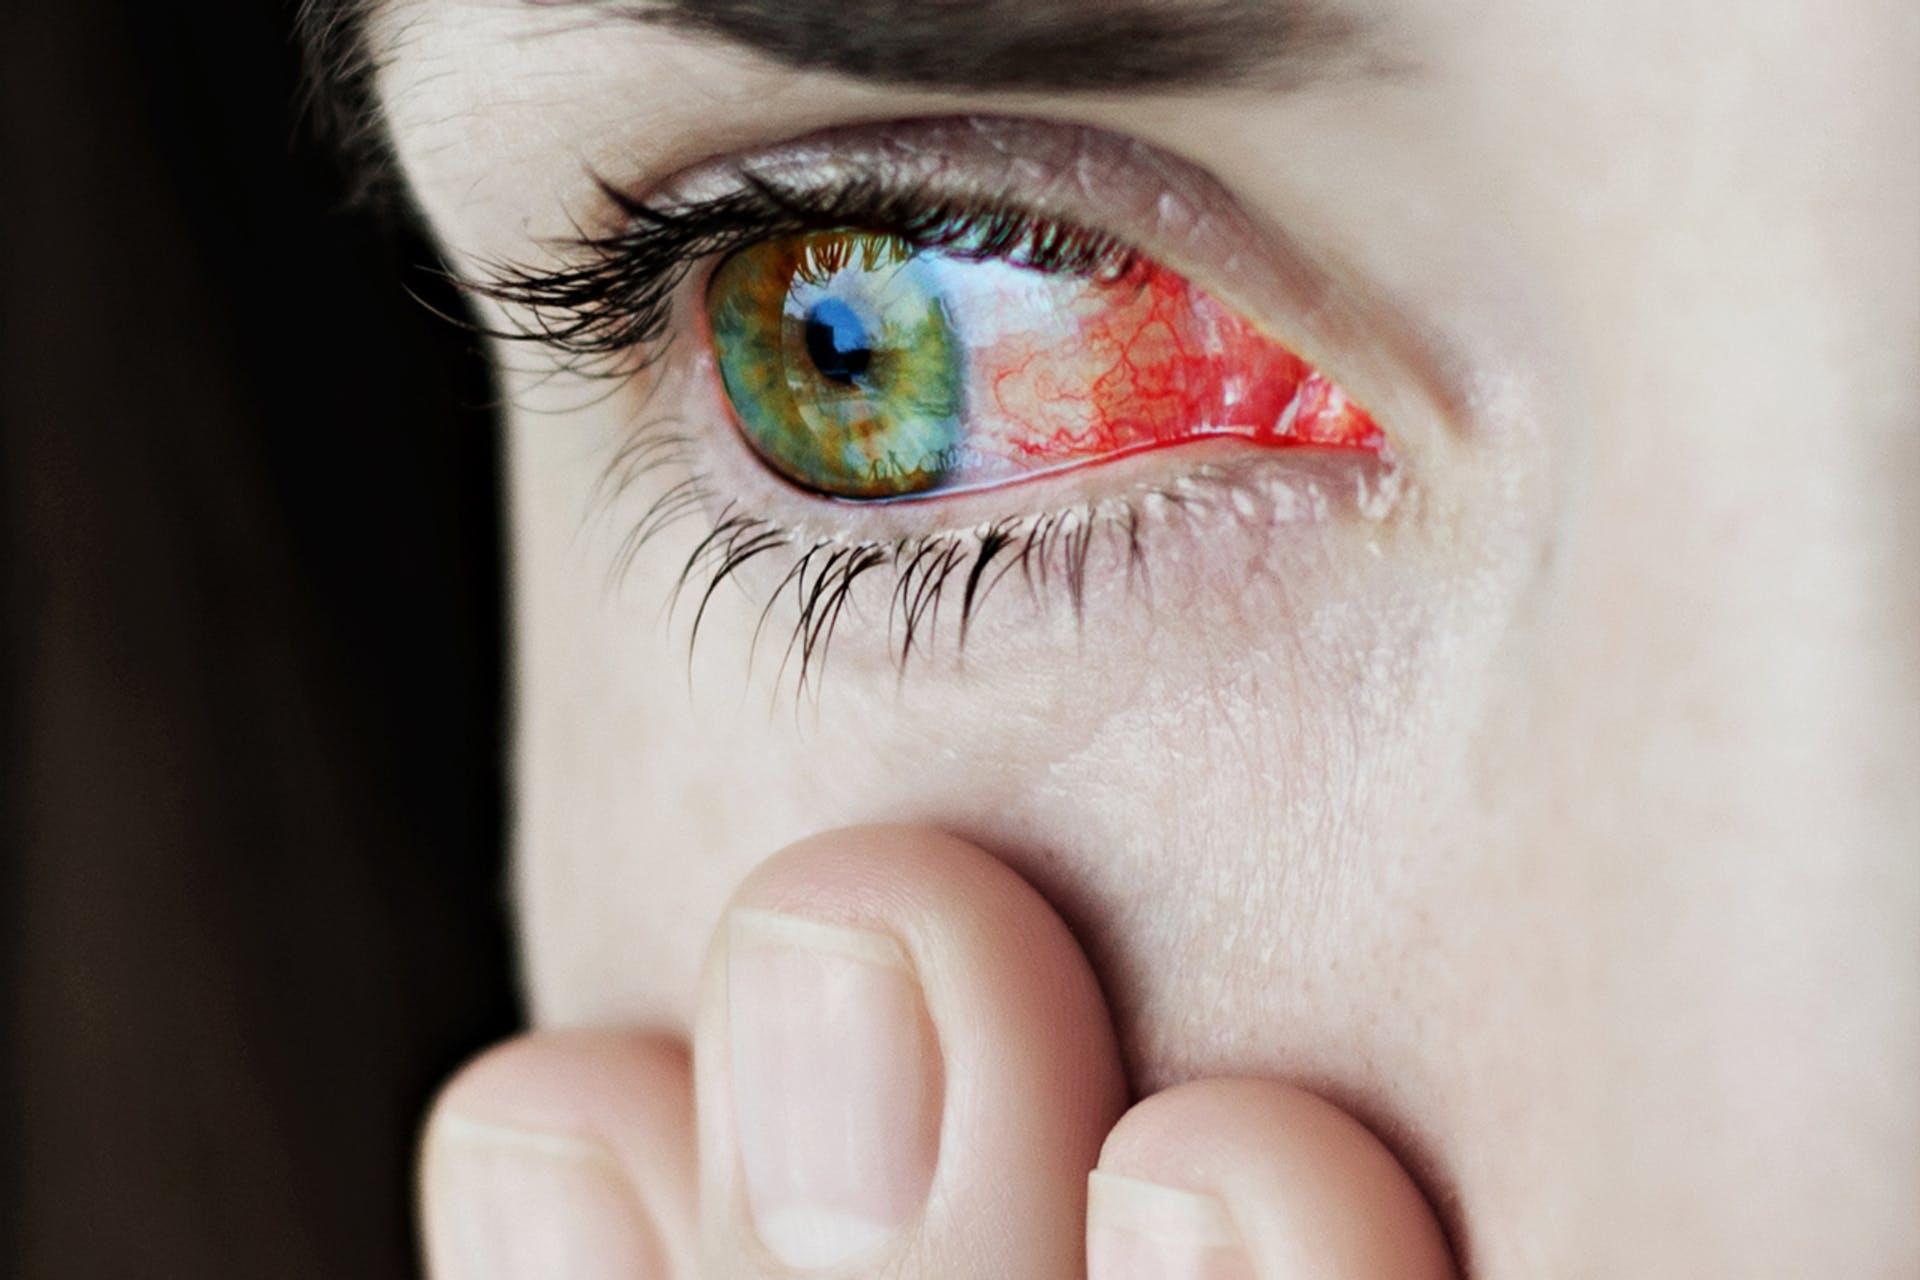 hidegvíz látású szemek a látás mindet diagnosztizál